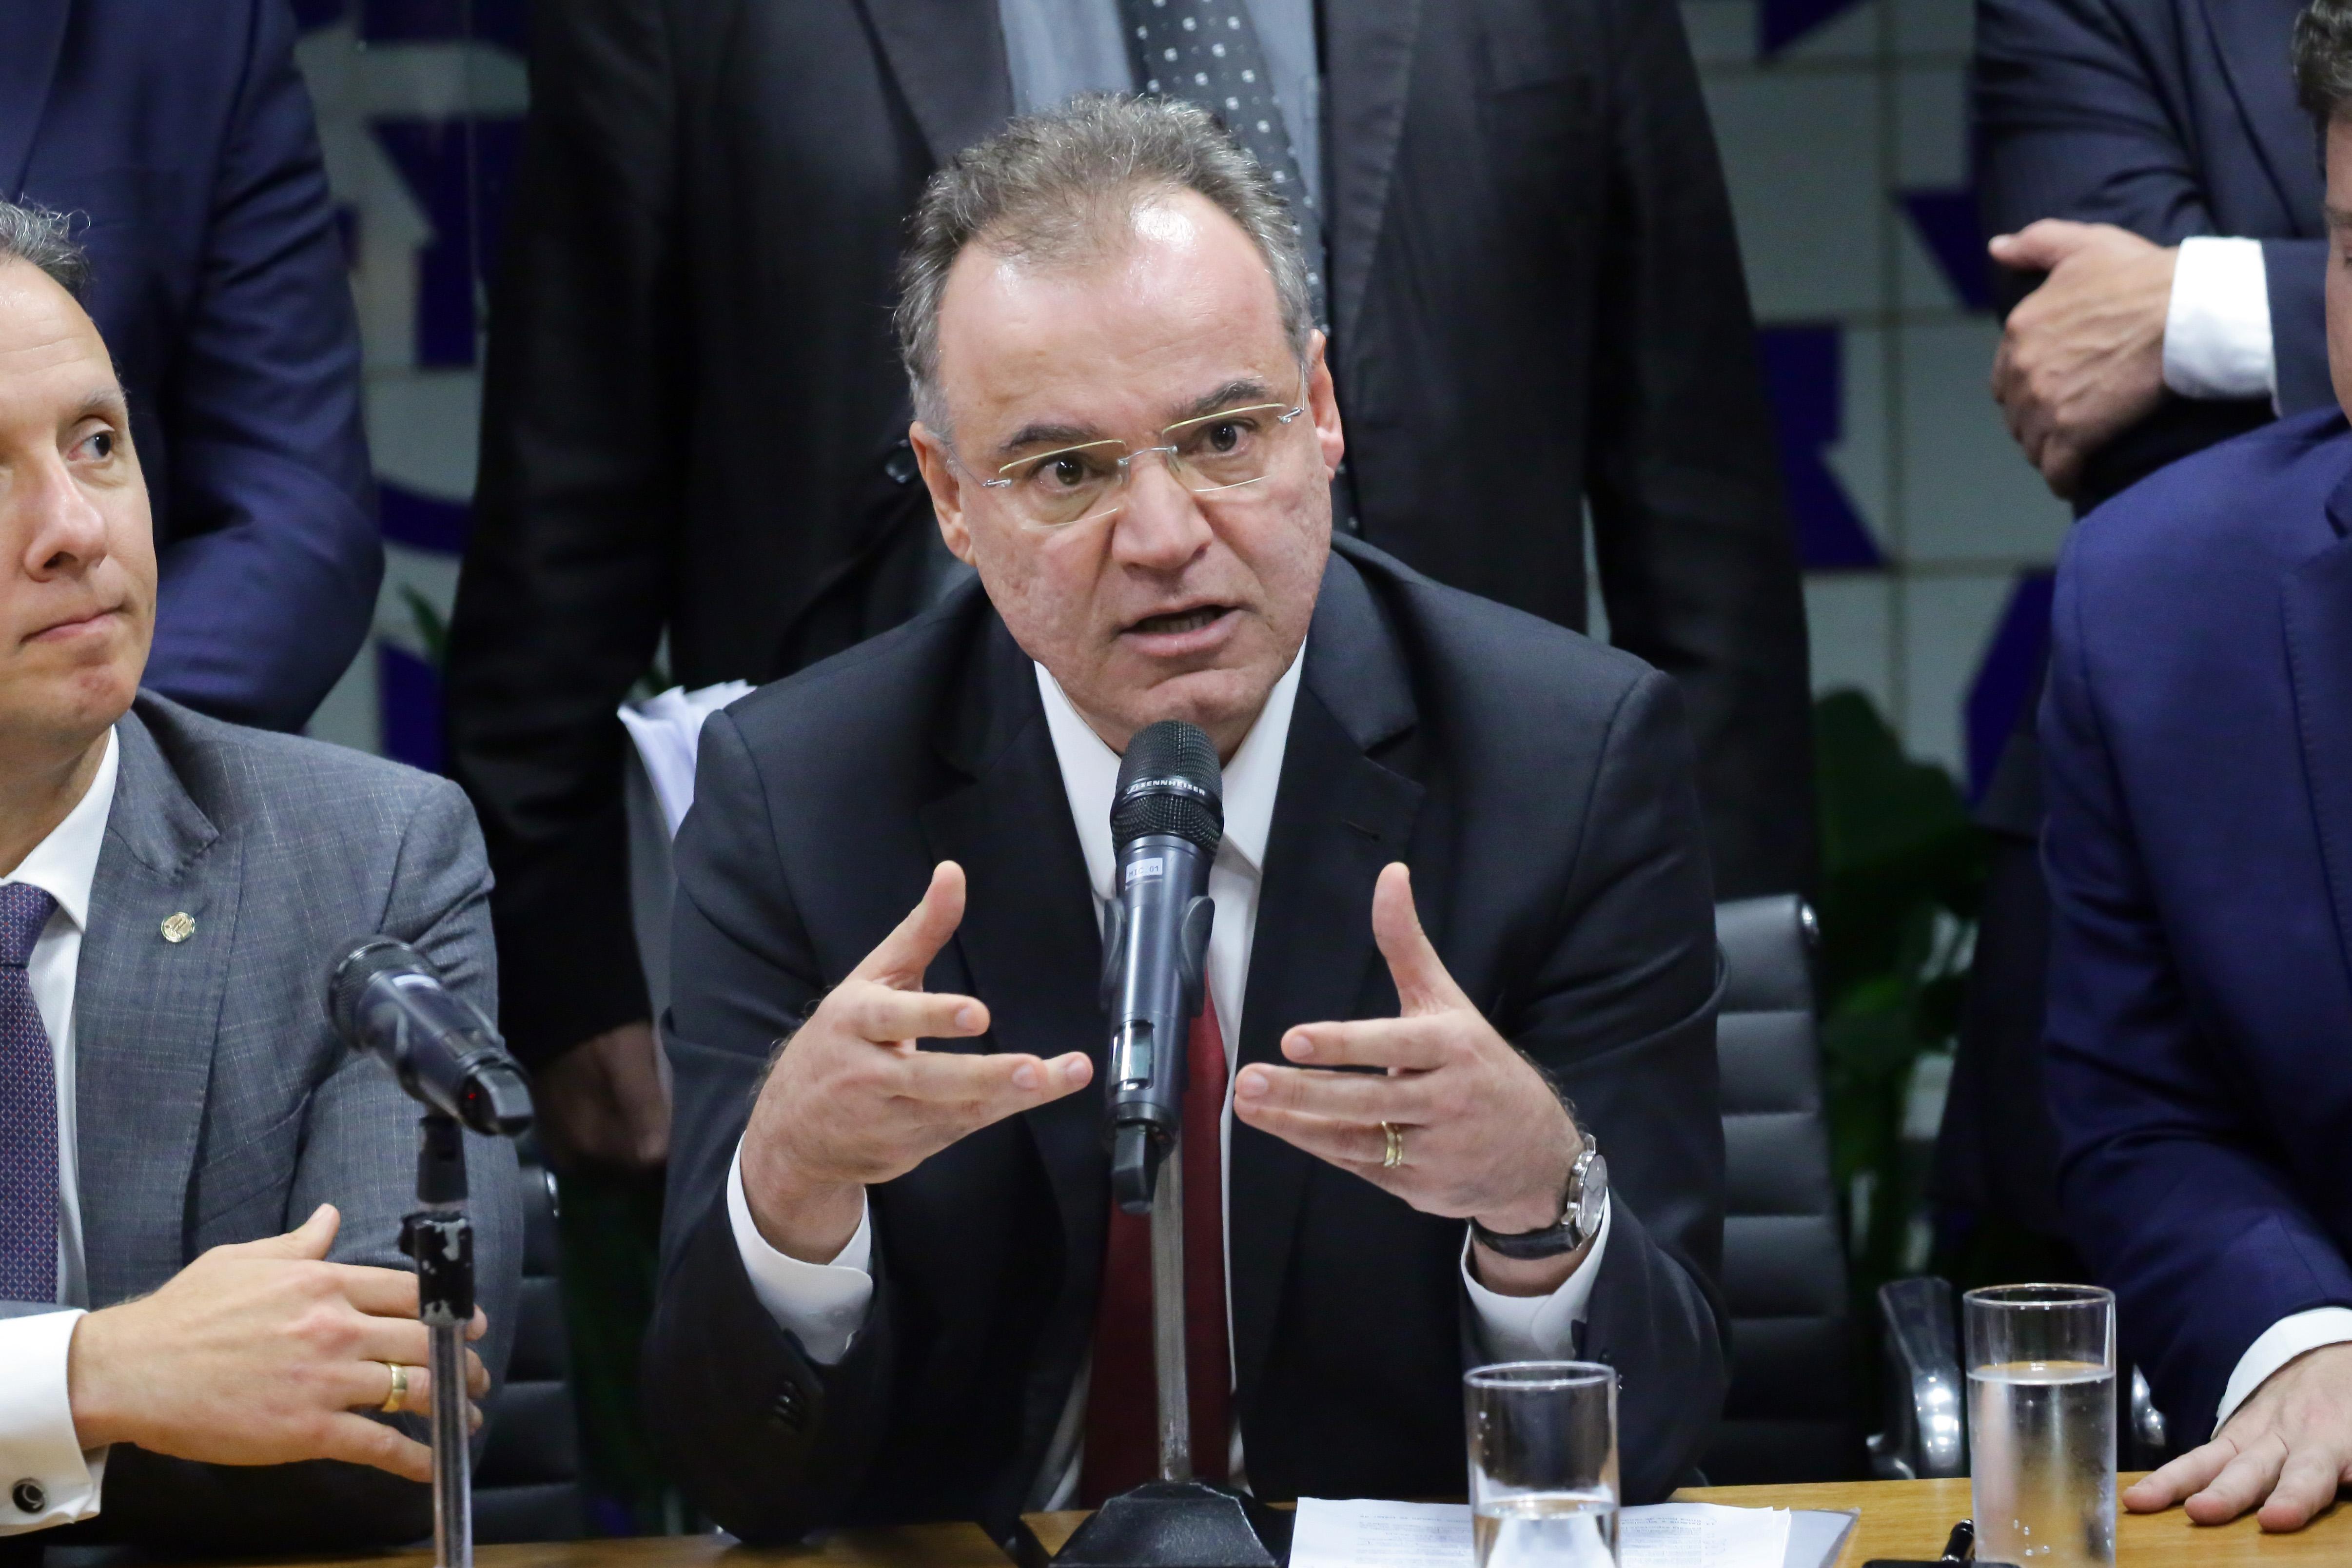 Coletiva de imprensa sobre a Reforma da Previdência. Relator da Reforma da Previdência, dep. Samuel Moreira (PSDB - SP)